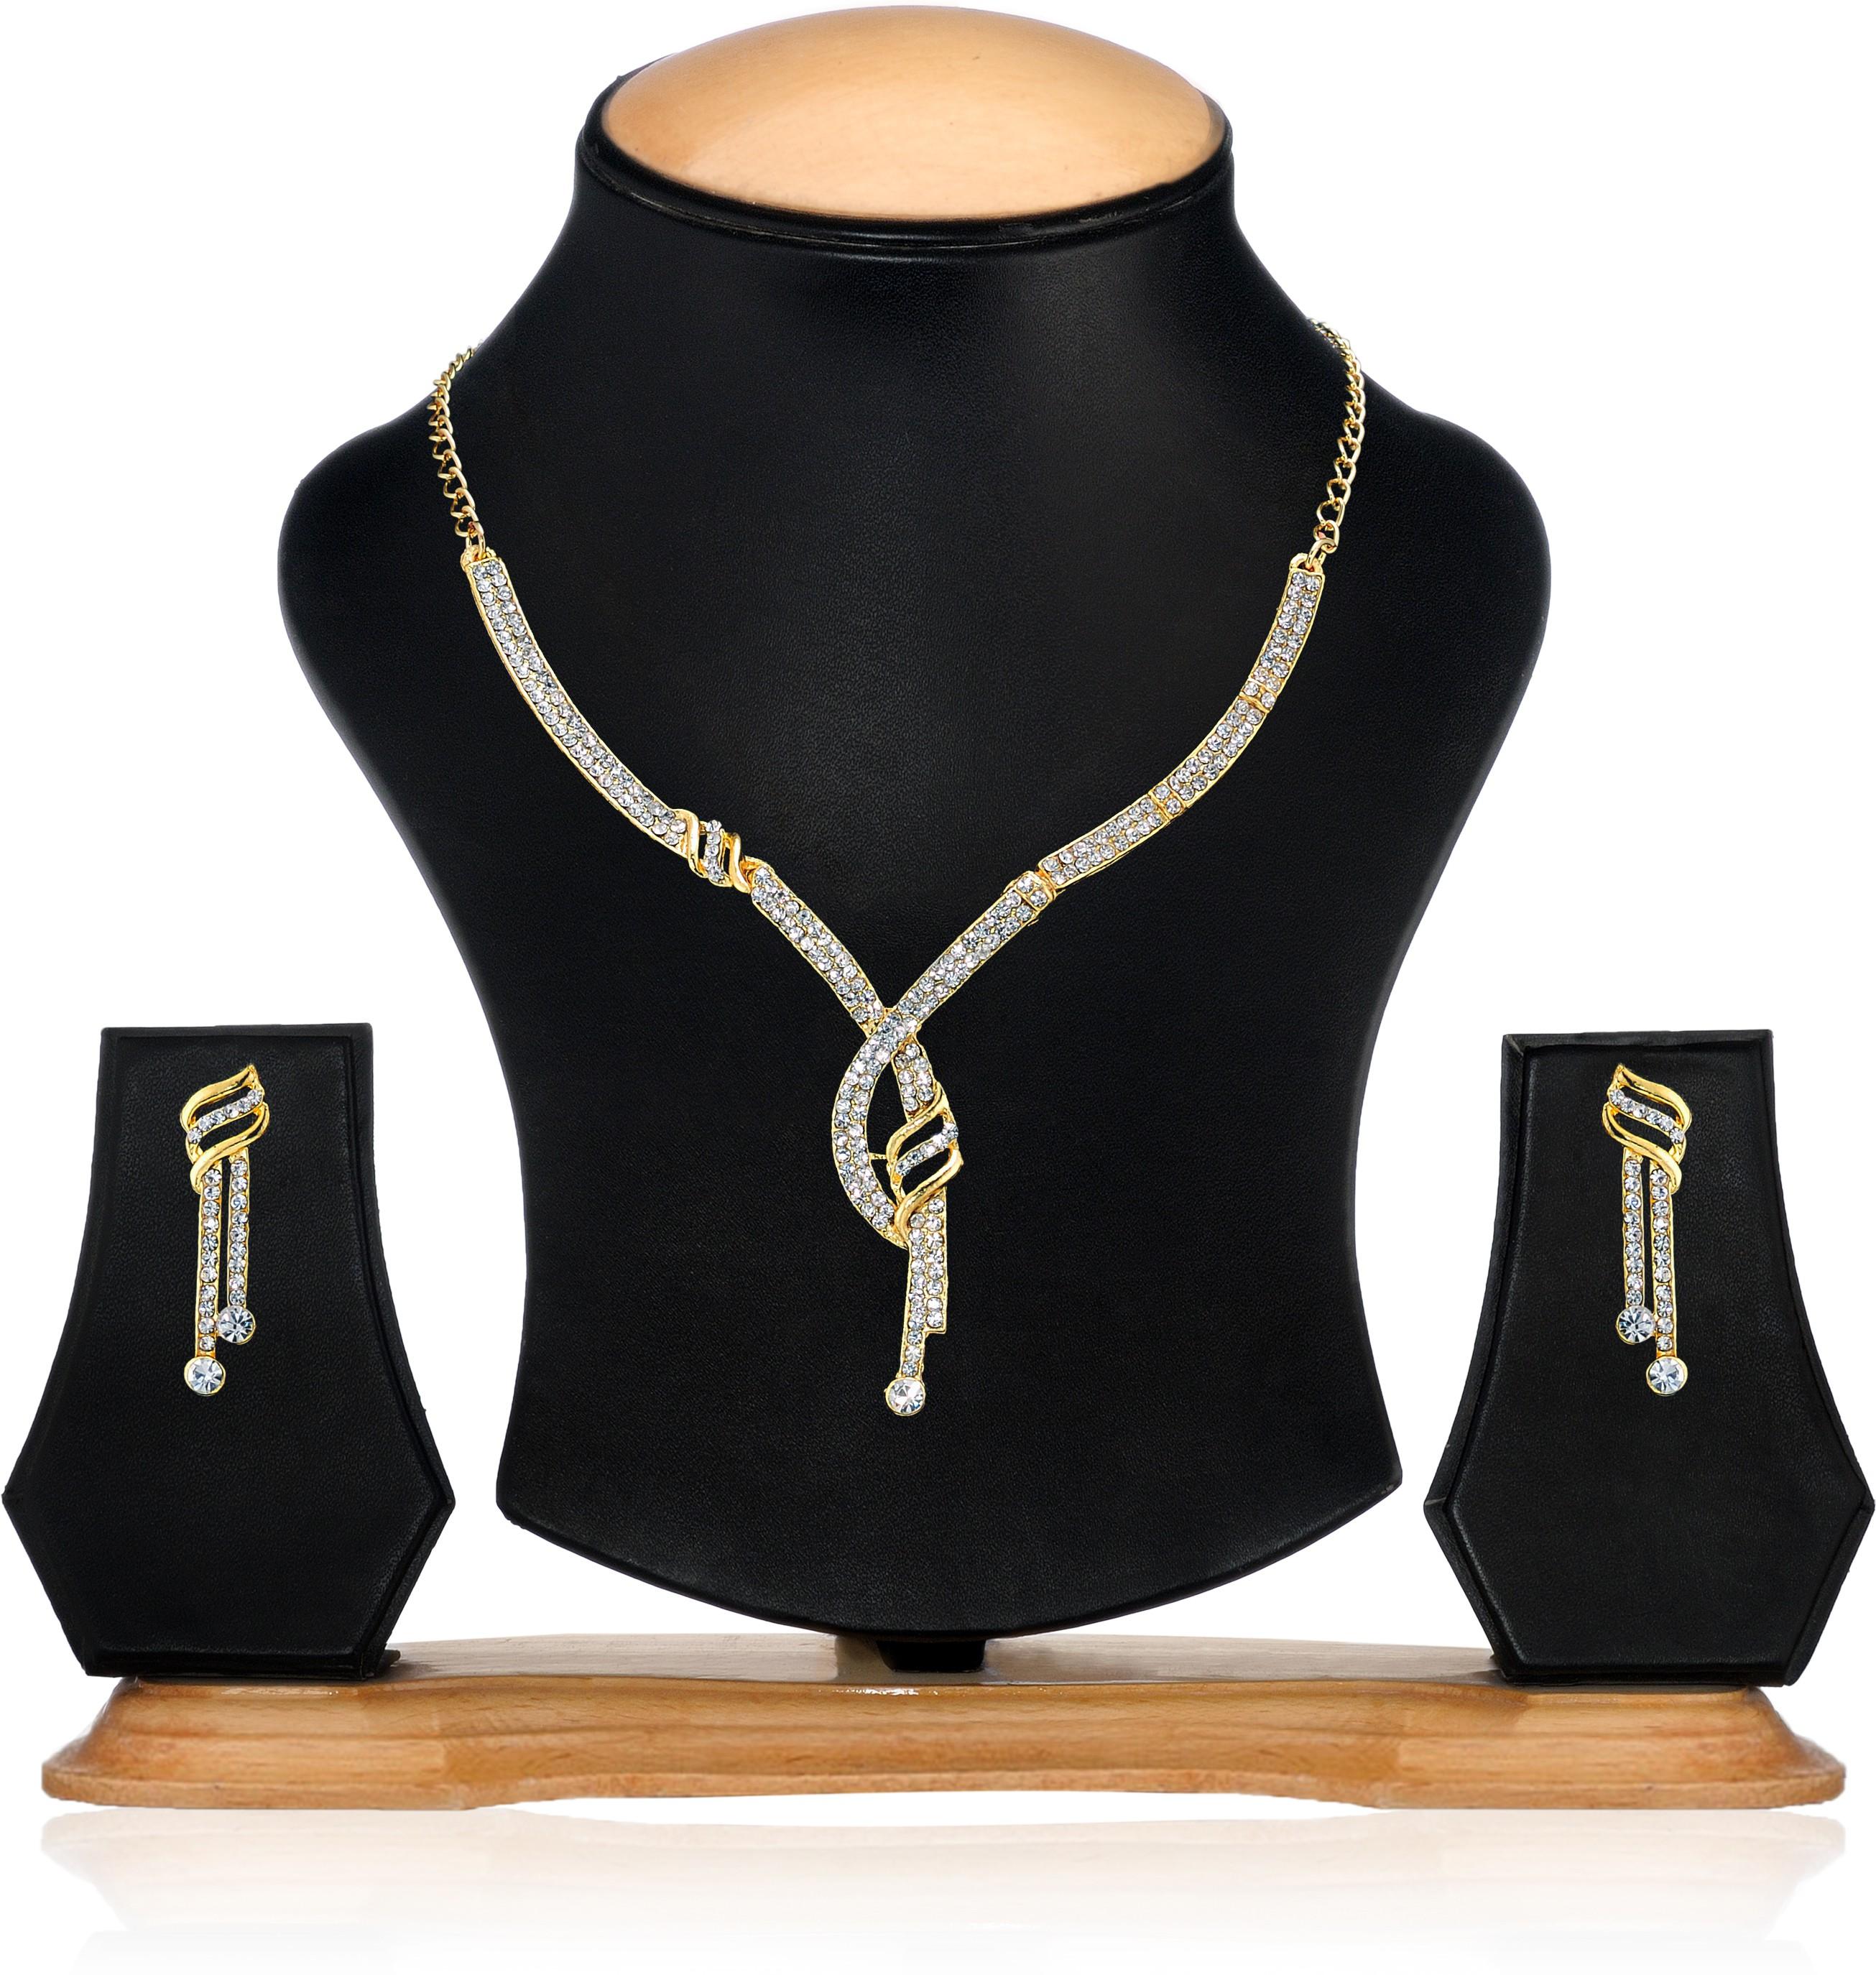 Deals - Delhi - Zaveri Pearls <br> Jewellery Sets, Earrings....<br> Category - jewellery<br> Business - Flipkart.com